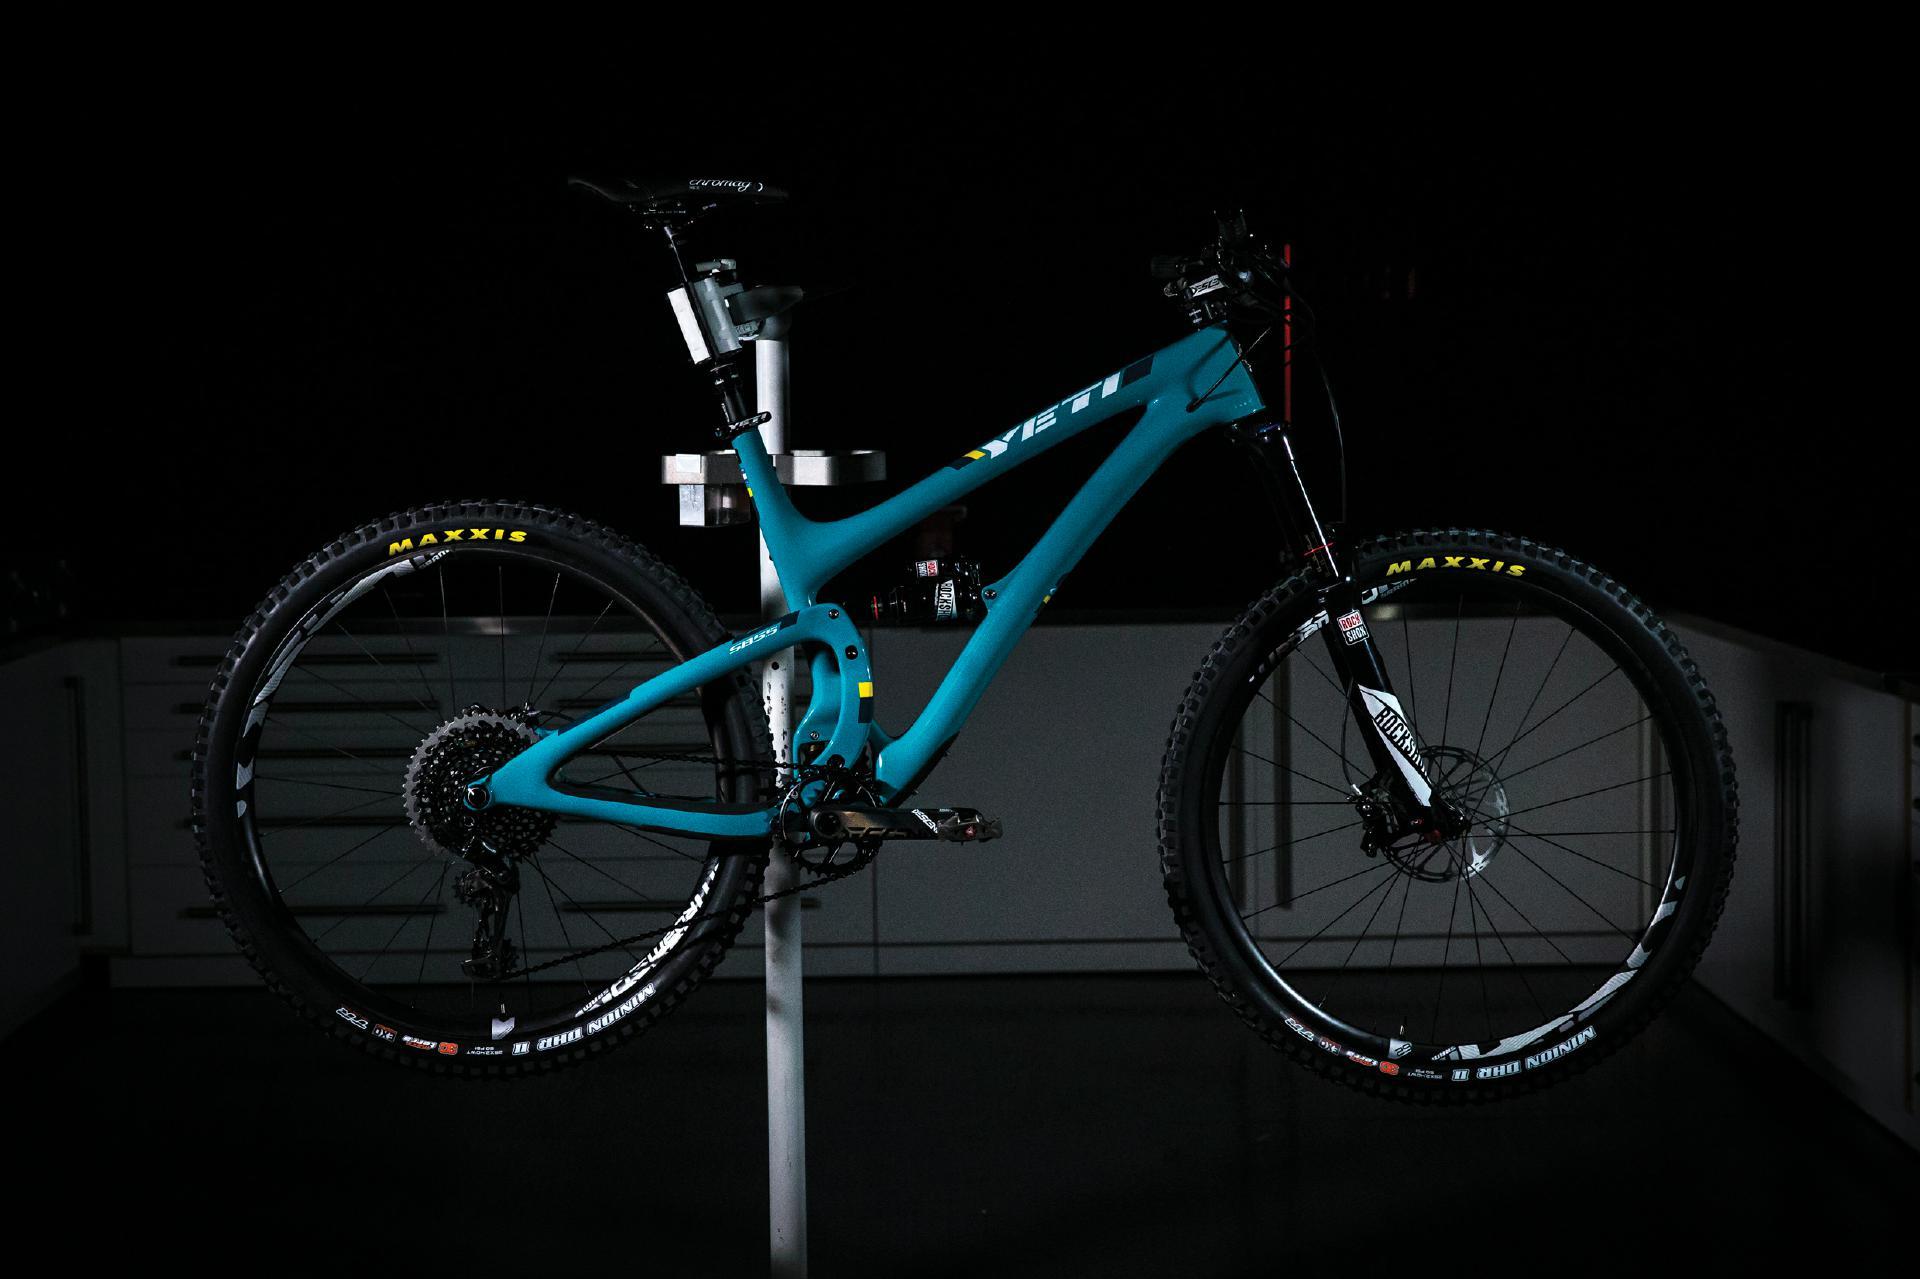 Ist mehr Carbon gleich mehr Performance? Sram ist davon überzeugt und spendiert seinen Trail-Laufrädern neue Felgen aus Carbon.